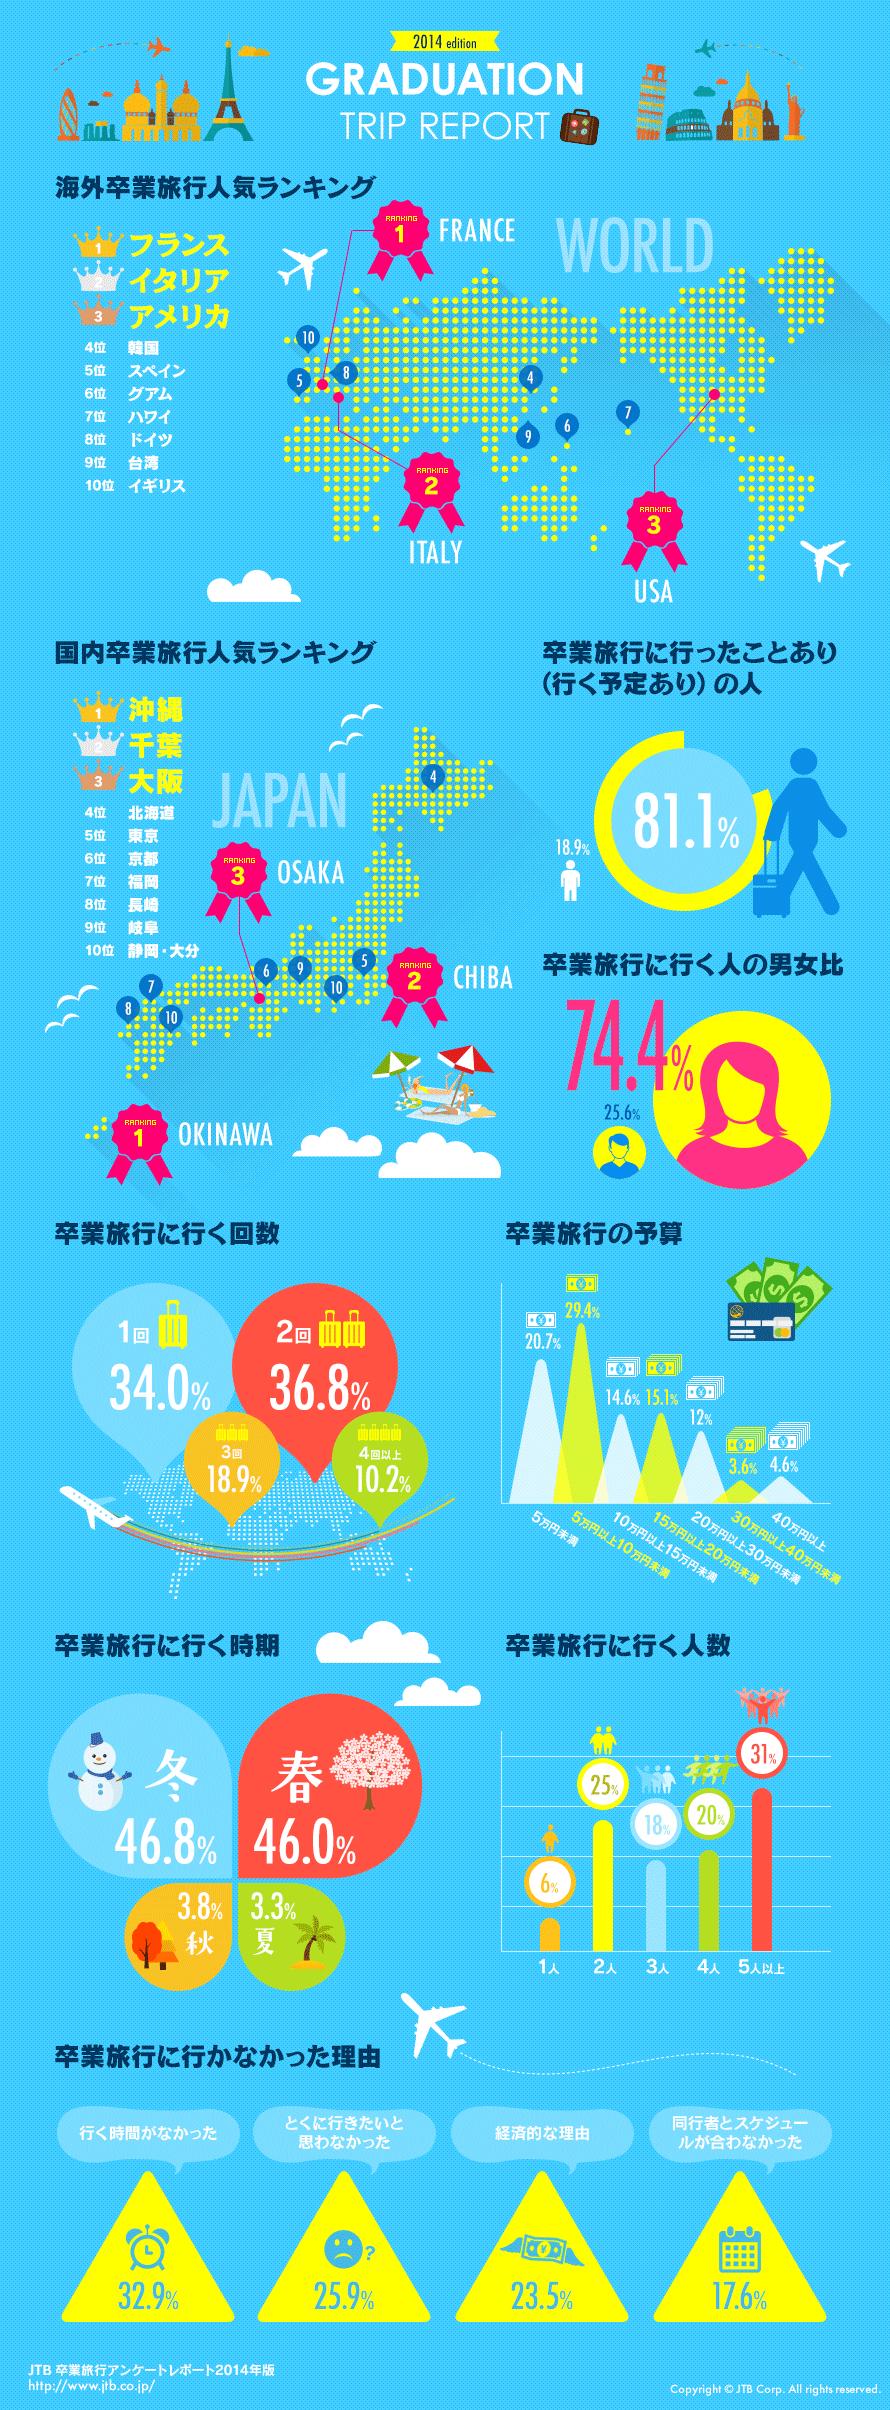 JTB GRADUATION TRIP REPORT 2014